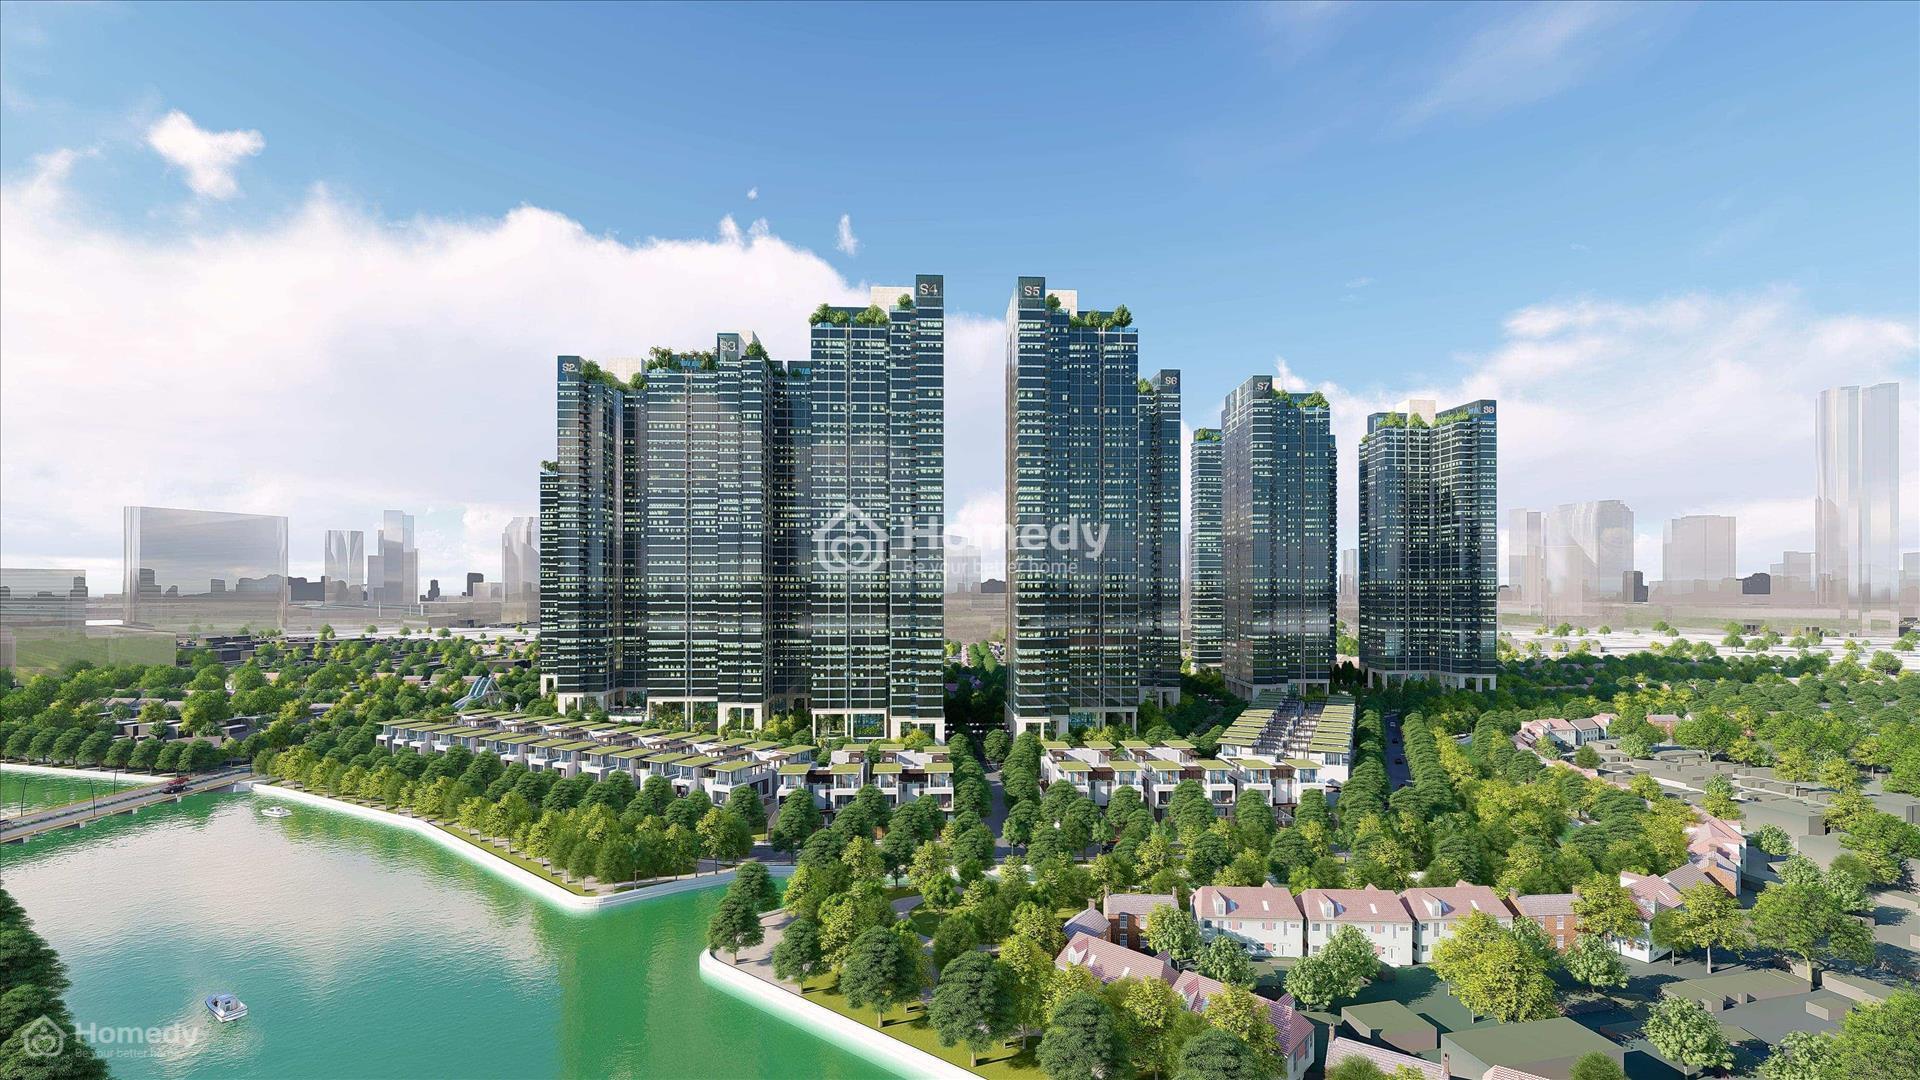 Tong-quan-du-an-Sunshine-city-saigon-quan-7